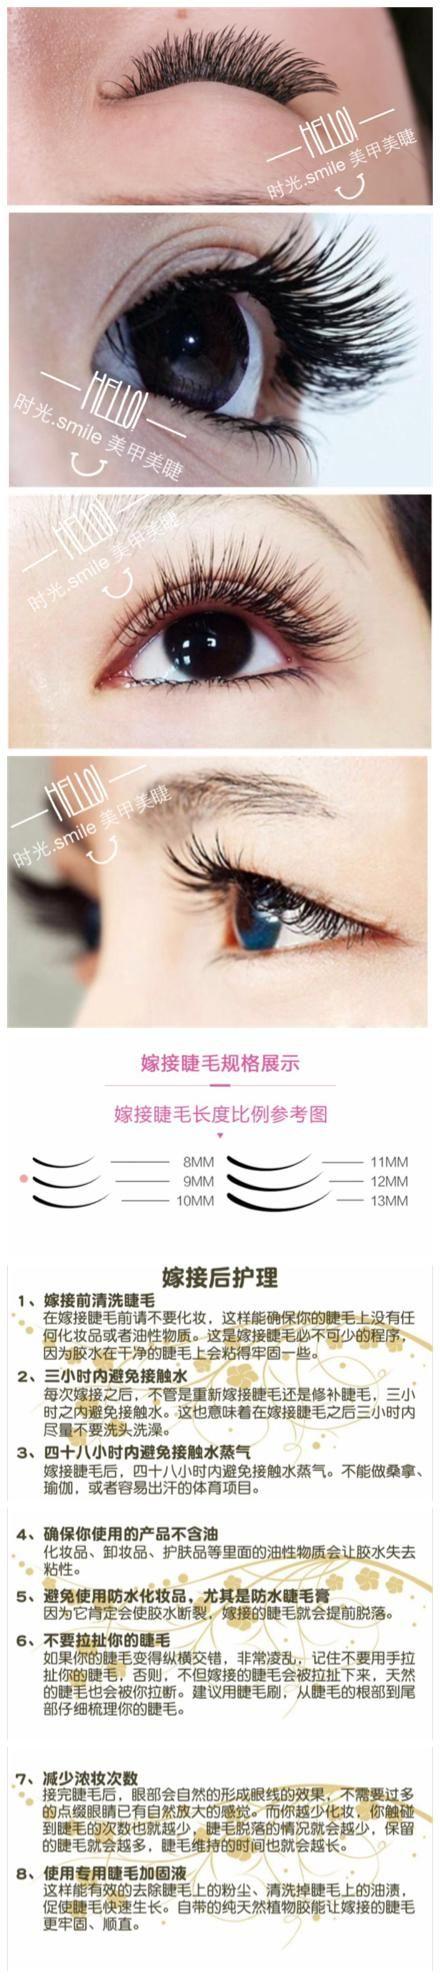 5mm,根据自己睫毛状况及需求,选择睫毛长度及弧度 步骤3 :美睫师用